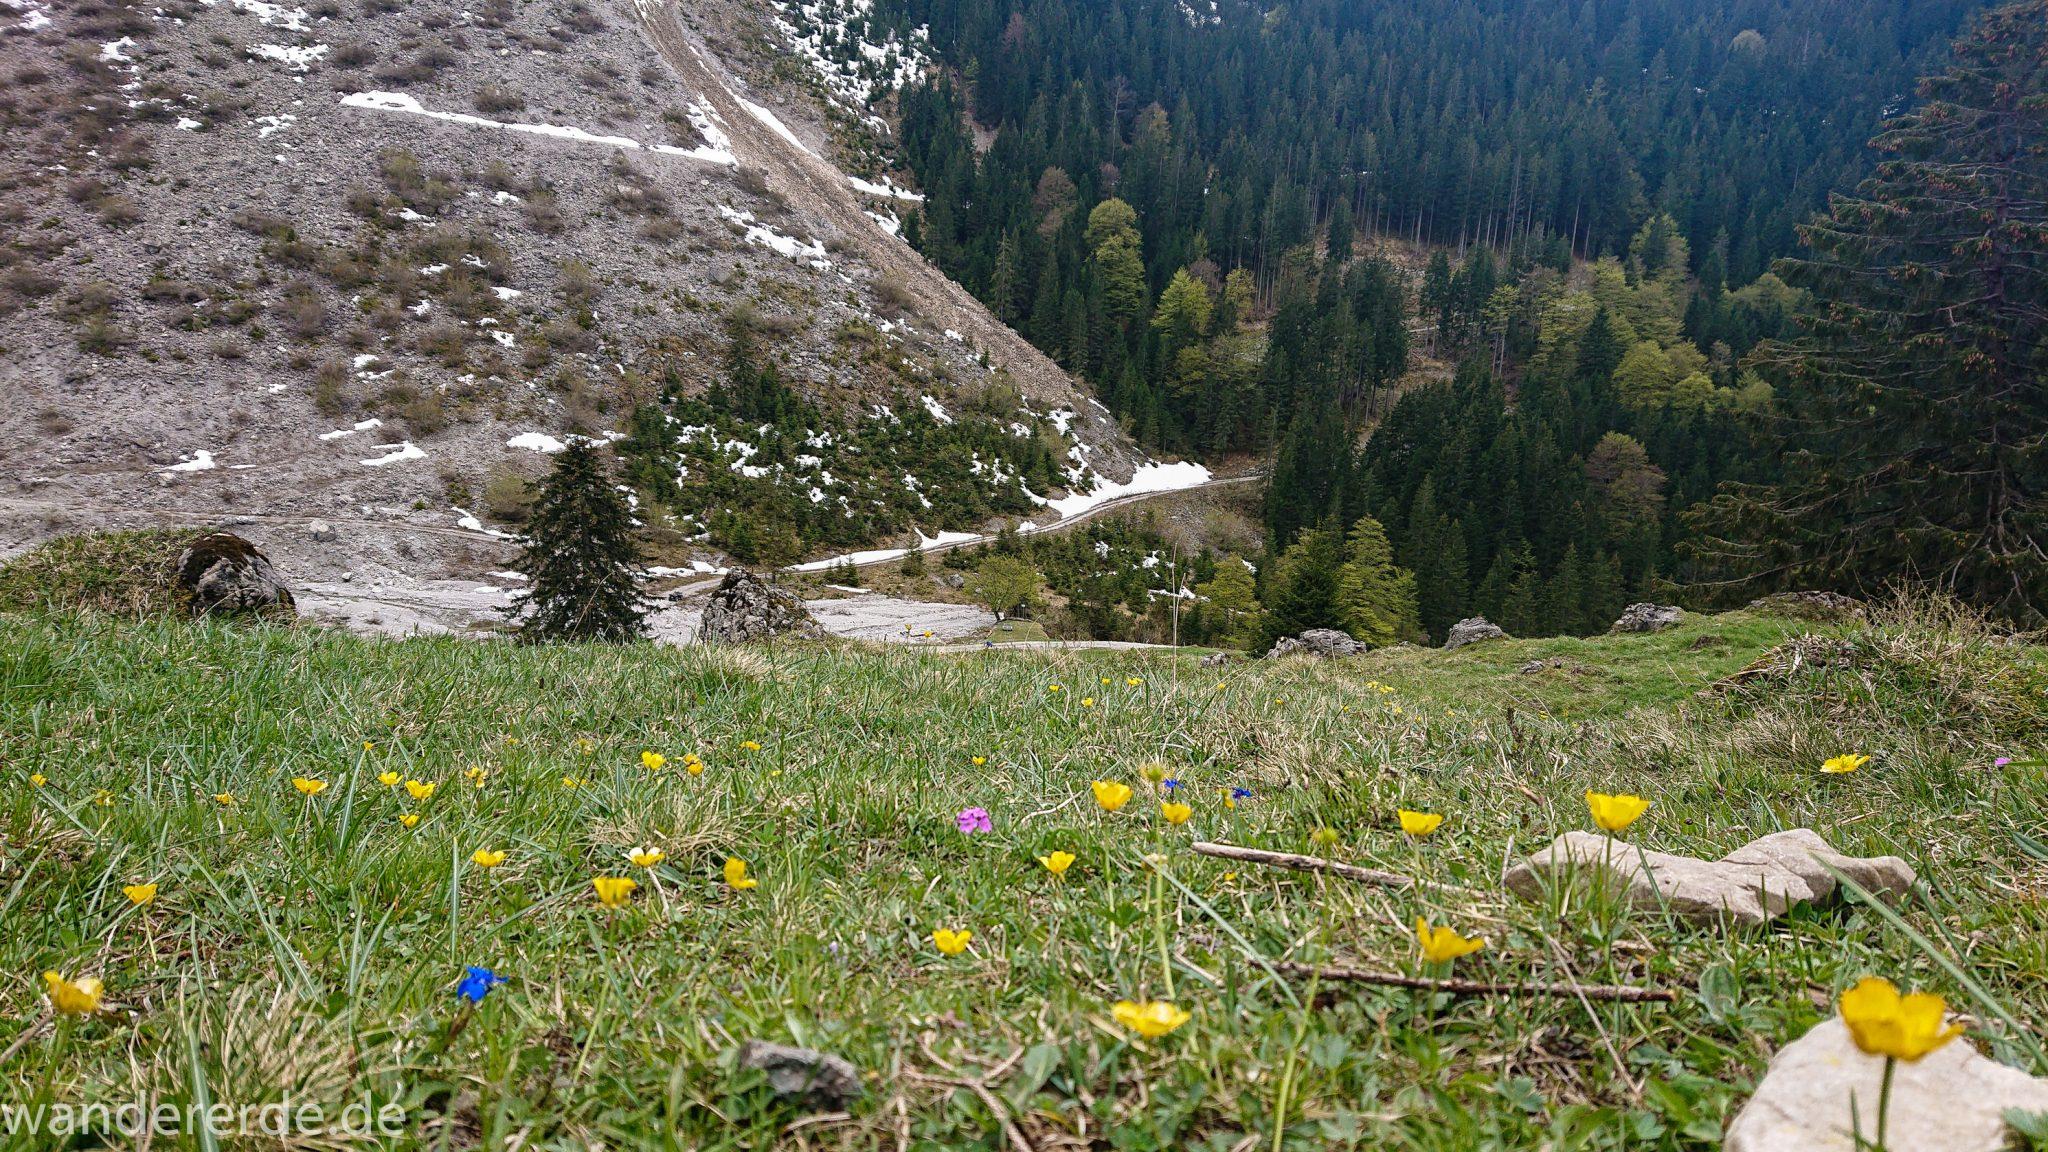 Wanderung Unterer Gaisalpsee, Wanderweg von Oberstdorf im Allgäu, Blumen blühen am Wegesrand in schönen Farben, Frühling im Allgäu, umgeben von schönem dichtem Mischwald und Blick auf Berge im Allgäu, abwechselungsreicher Wanderweg von Oberstdorf zum Unteren Gaisalpsee